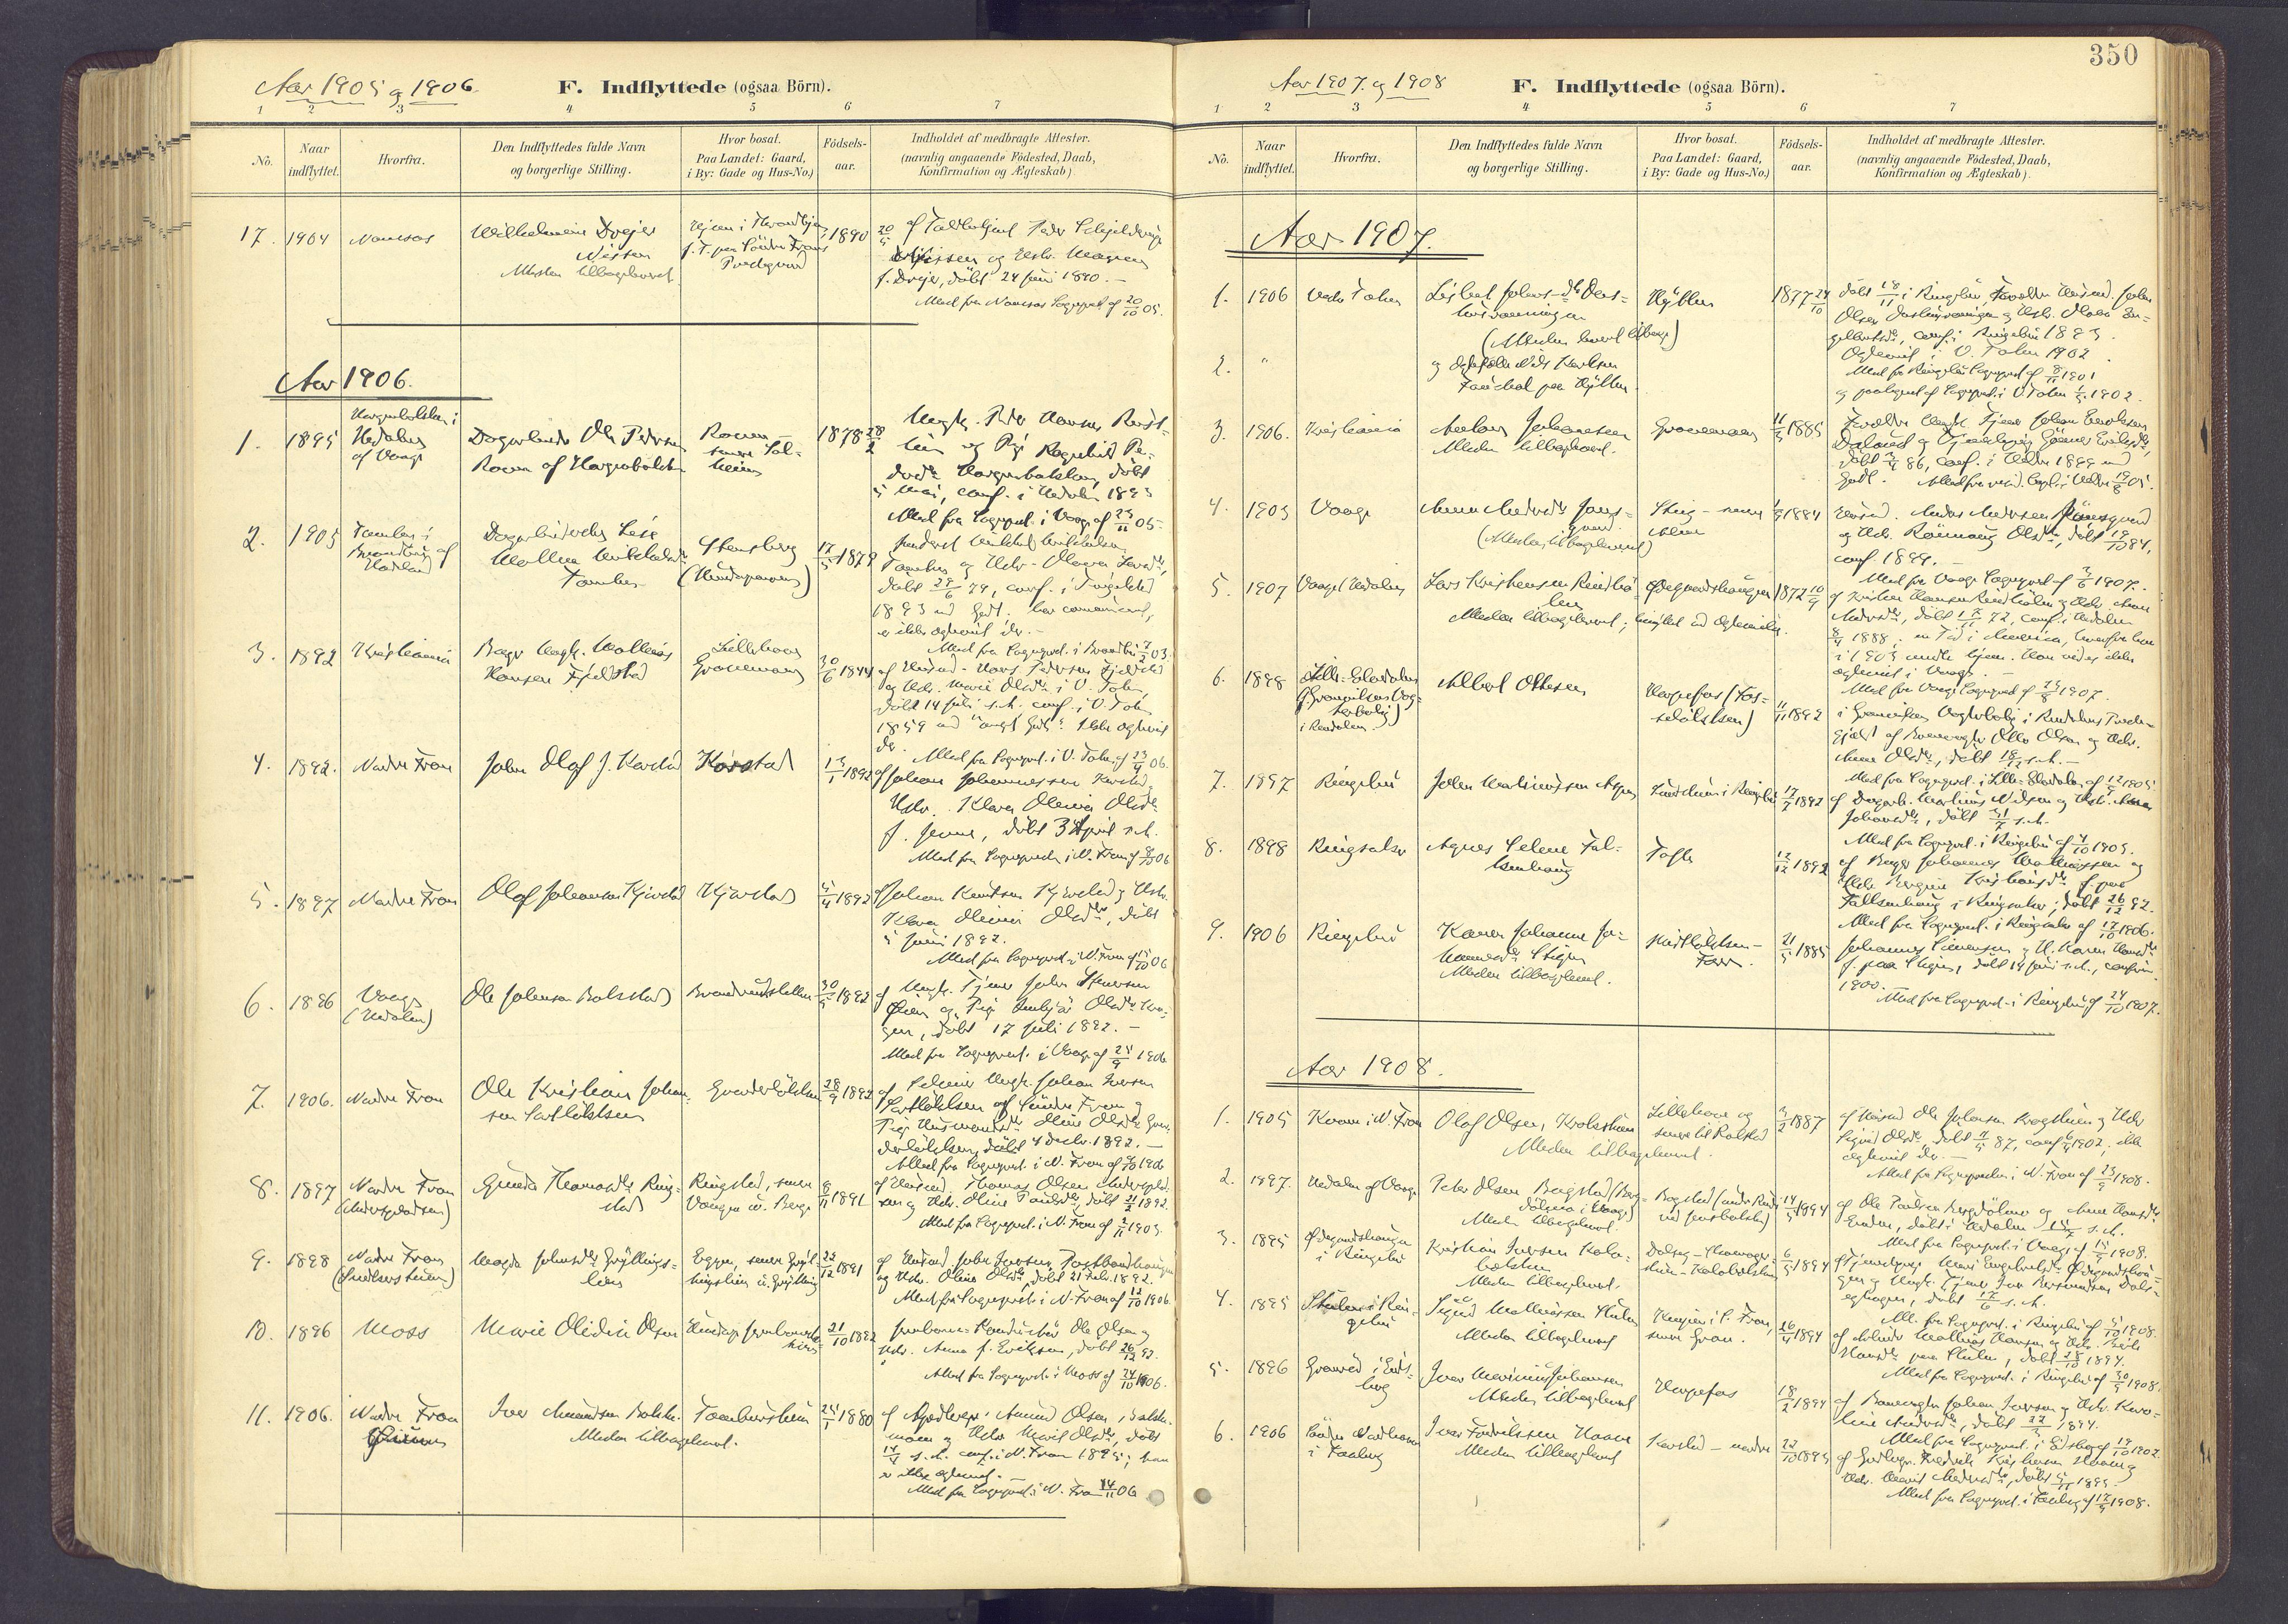 SAH, Sør-Fron prestekontor, H/Ha/Haa/L0004: Ministerialbok nr. 4, 1898-1919, s. 350